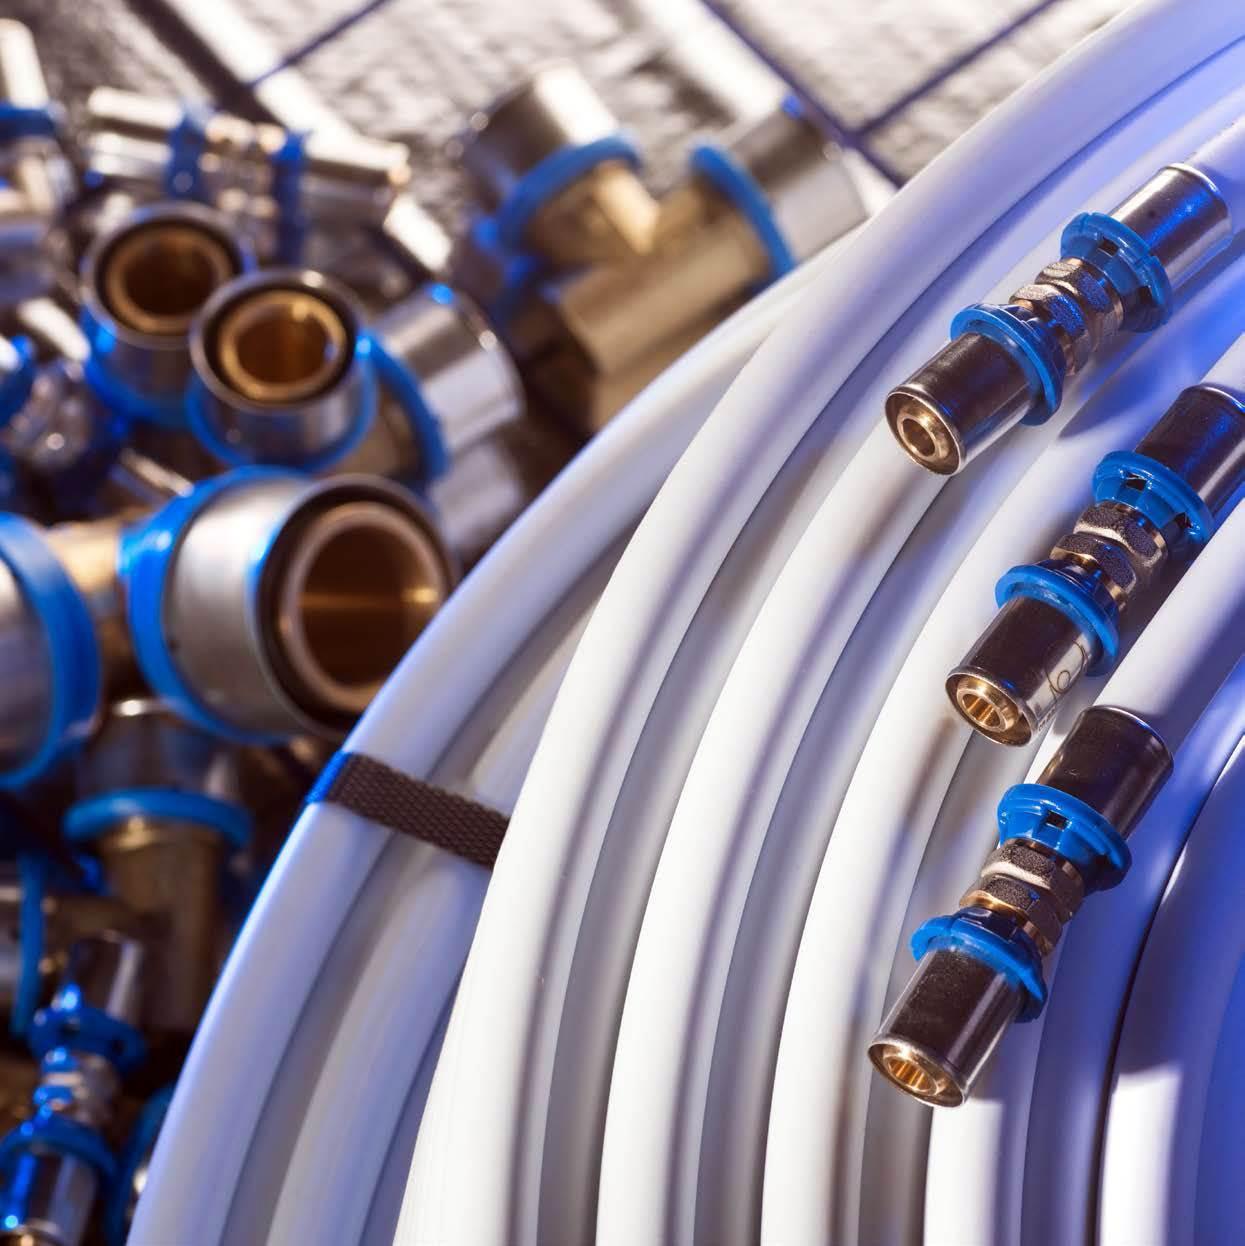 Systemy rur wielowarstwowych PE-X, PE-RT oraz PP-RCT do ogrzewania